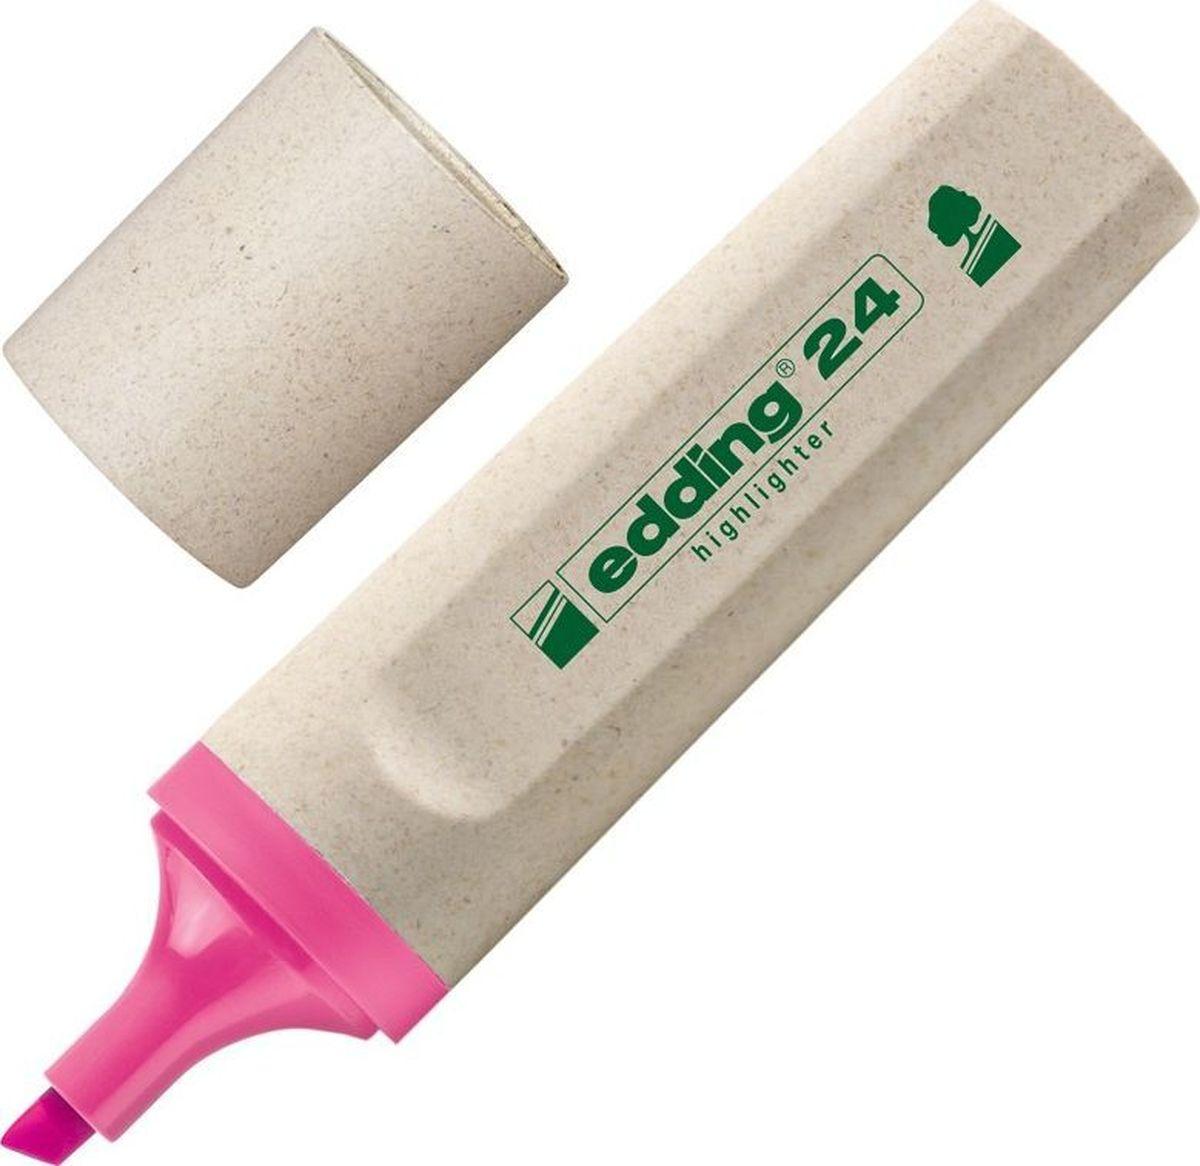 Текстовыделитель Edding серии Эко, предназначенный для маркировки текста наразличных типах бумаги. Эргономичный корпус выполнен изпластика. Скошенный наконечник обеспечивает толщину линии от2до5мм. Флуоресцентные чернила розового цвета наводной основе нетоксичны, несодержат вредных веществ, устойчивы квоздействию света. Изделие на97% изготовлено изпереработанного сырья без вреда для окружающей среды.